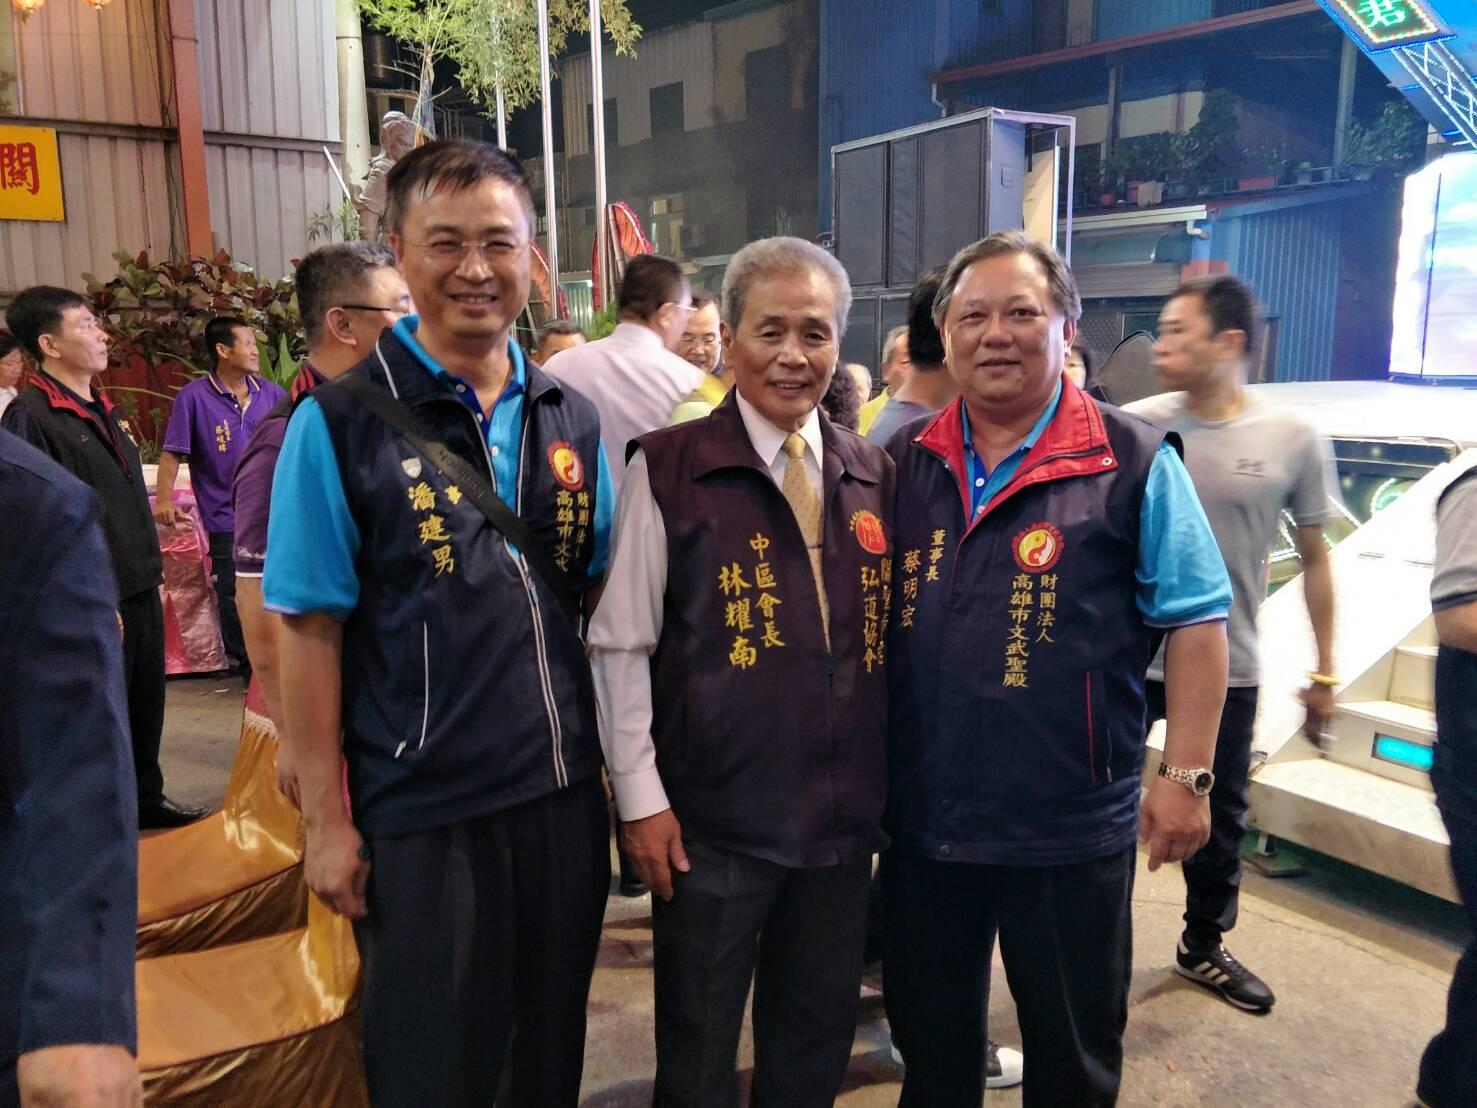 戊戌年(107)董事長及董事參加台中聖武宮慶典03